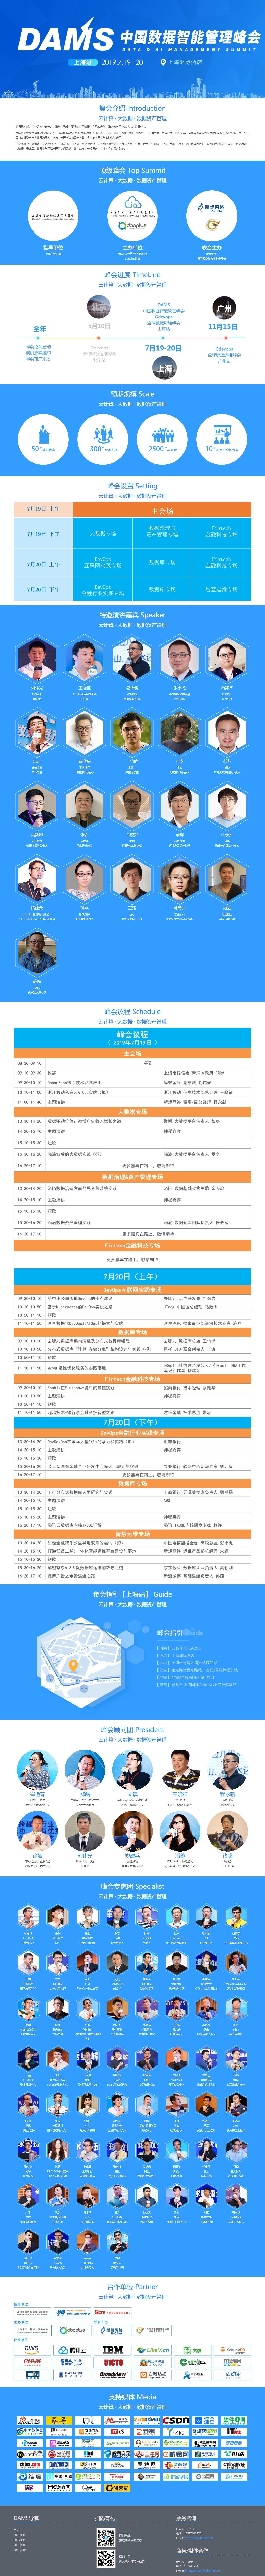 DAMS-中国数据智能管理峰会.jpg